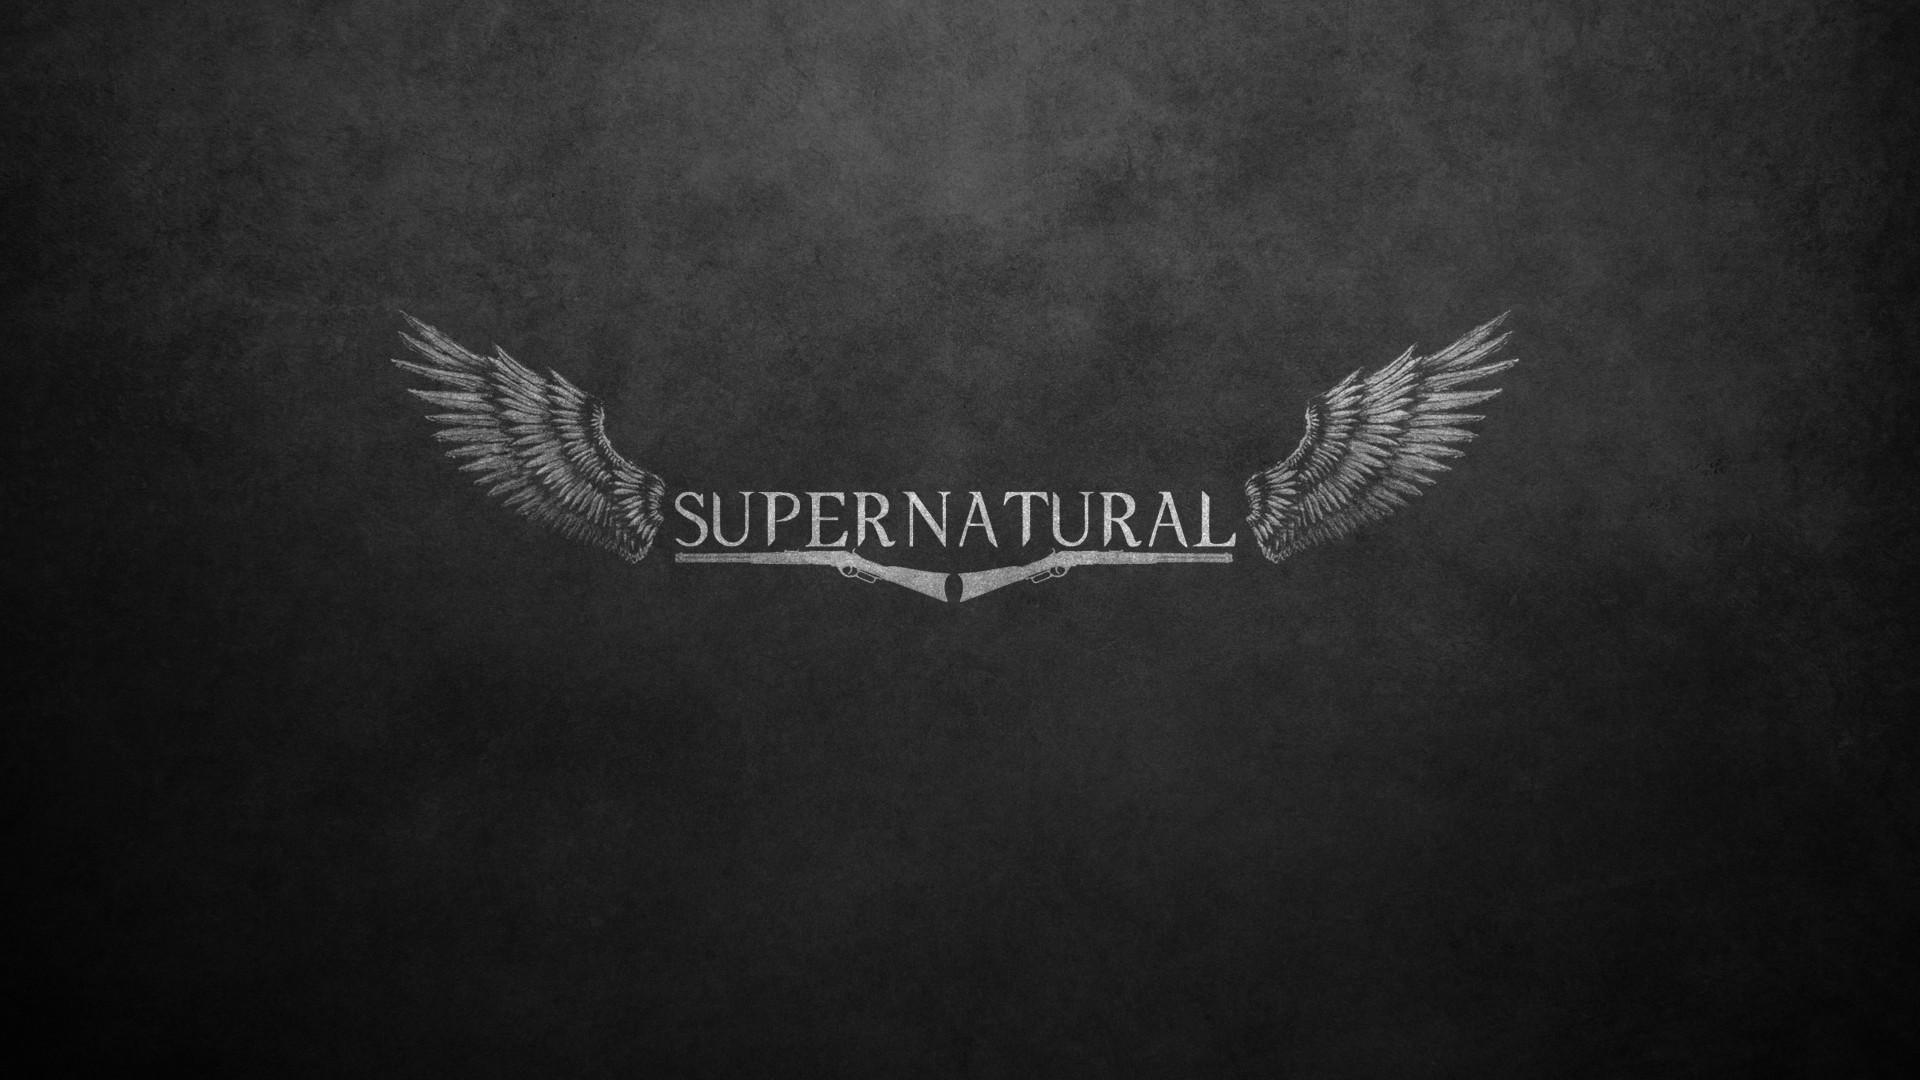 Supernatural Desktop Backgrounds 1